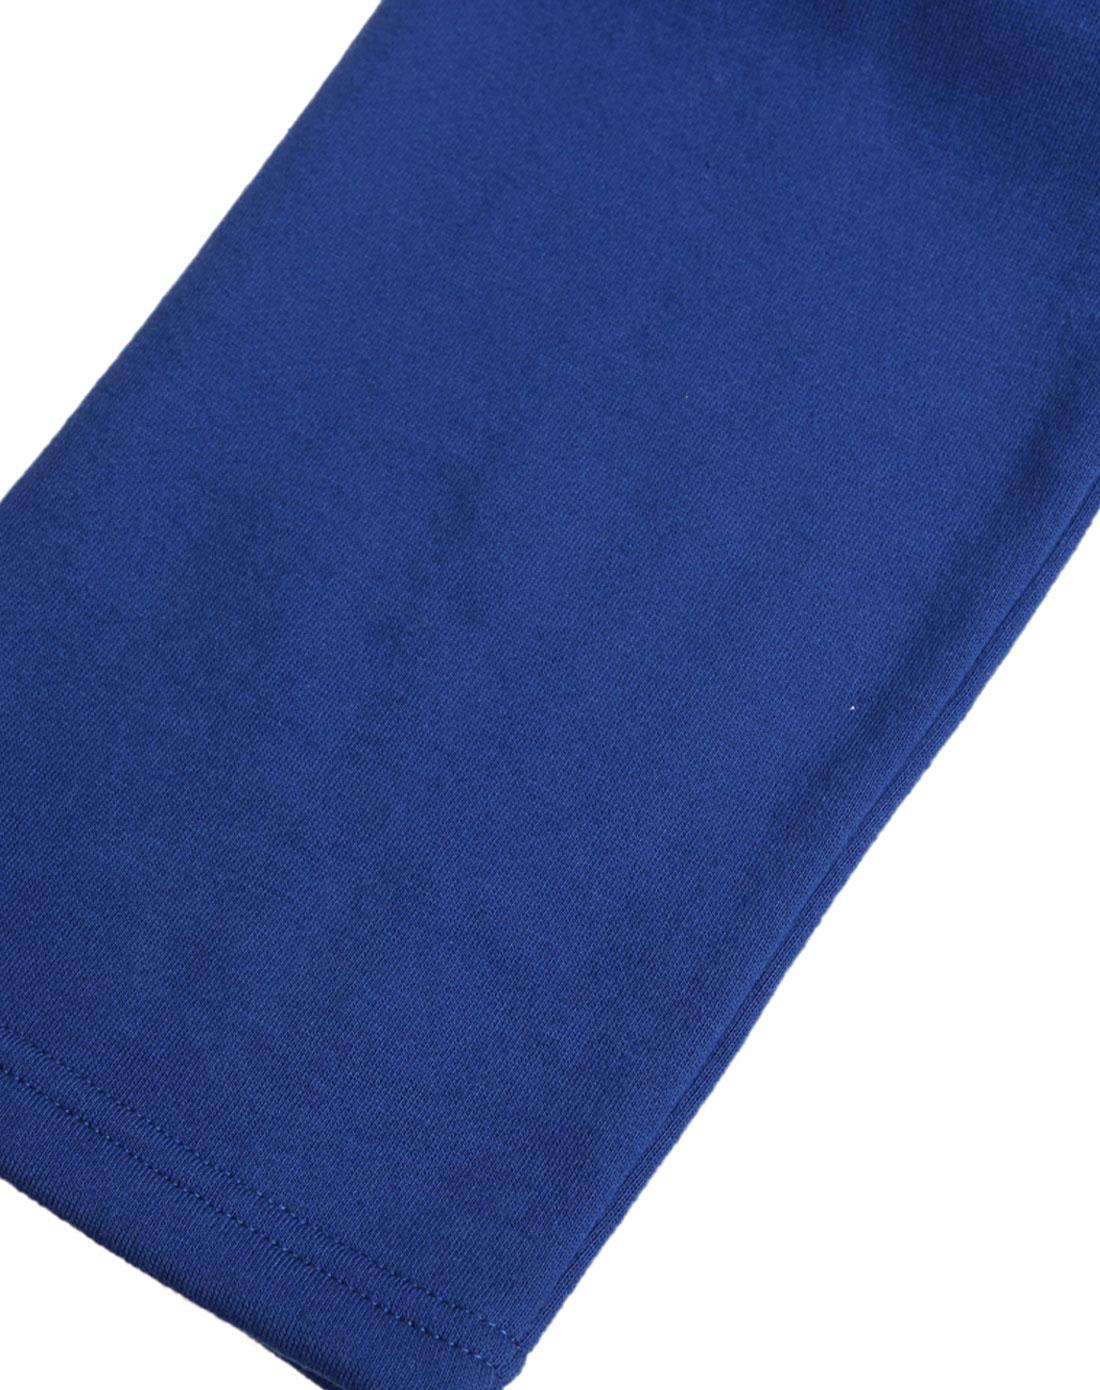 宝蓝色纯色活力简洁休闲运动长裤